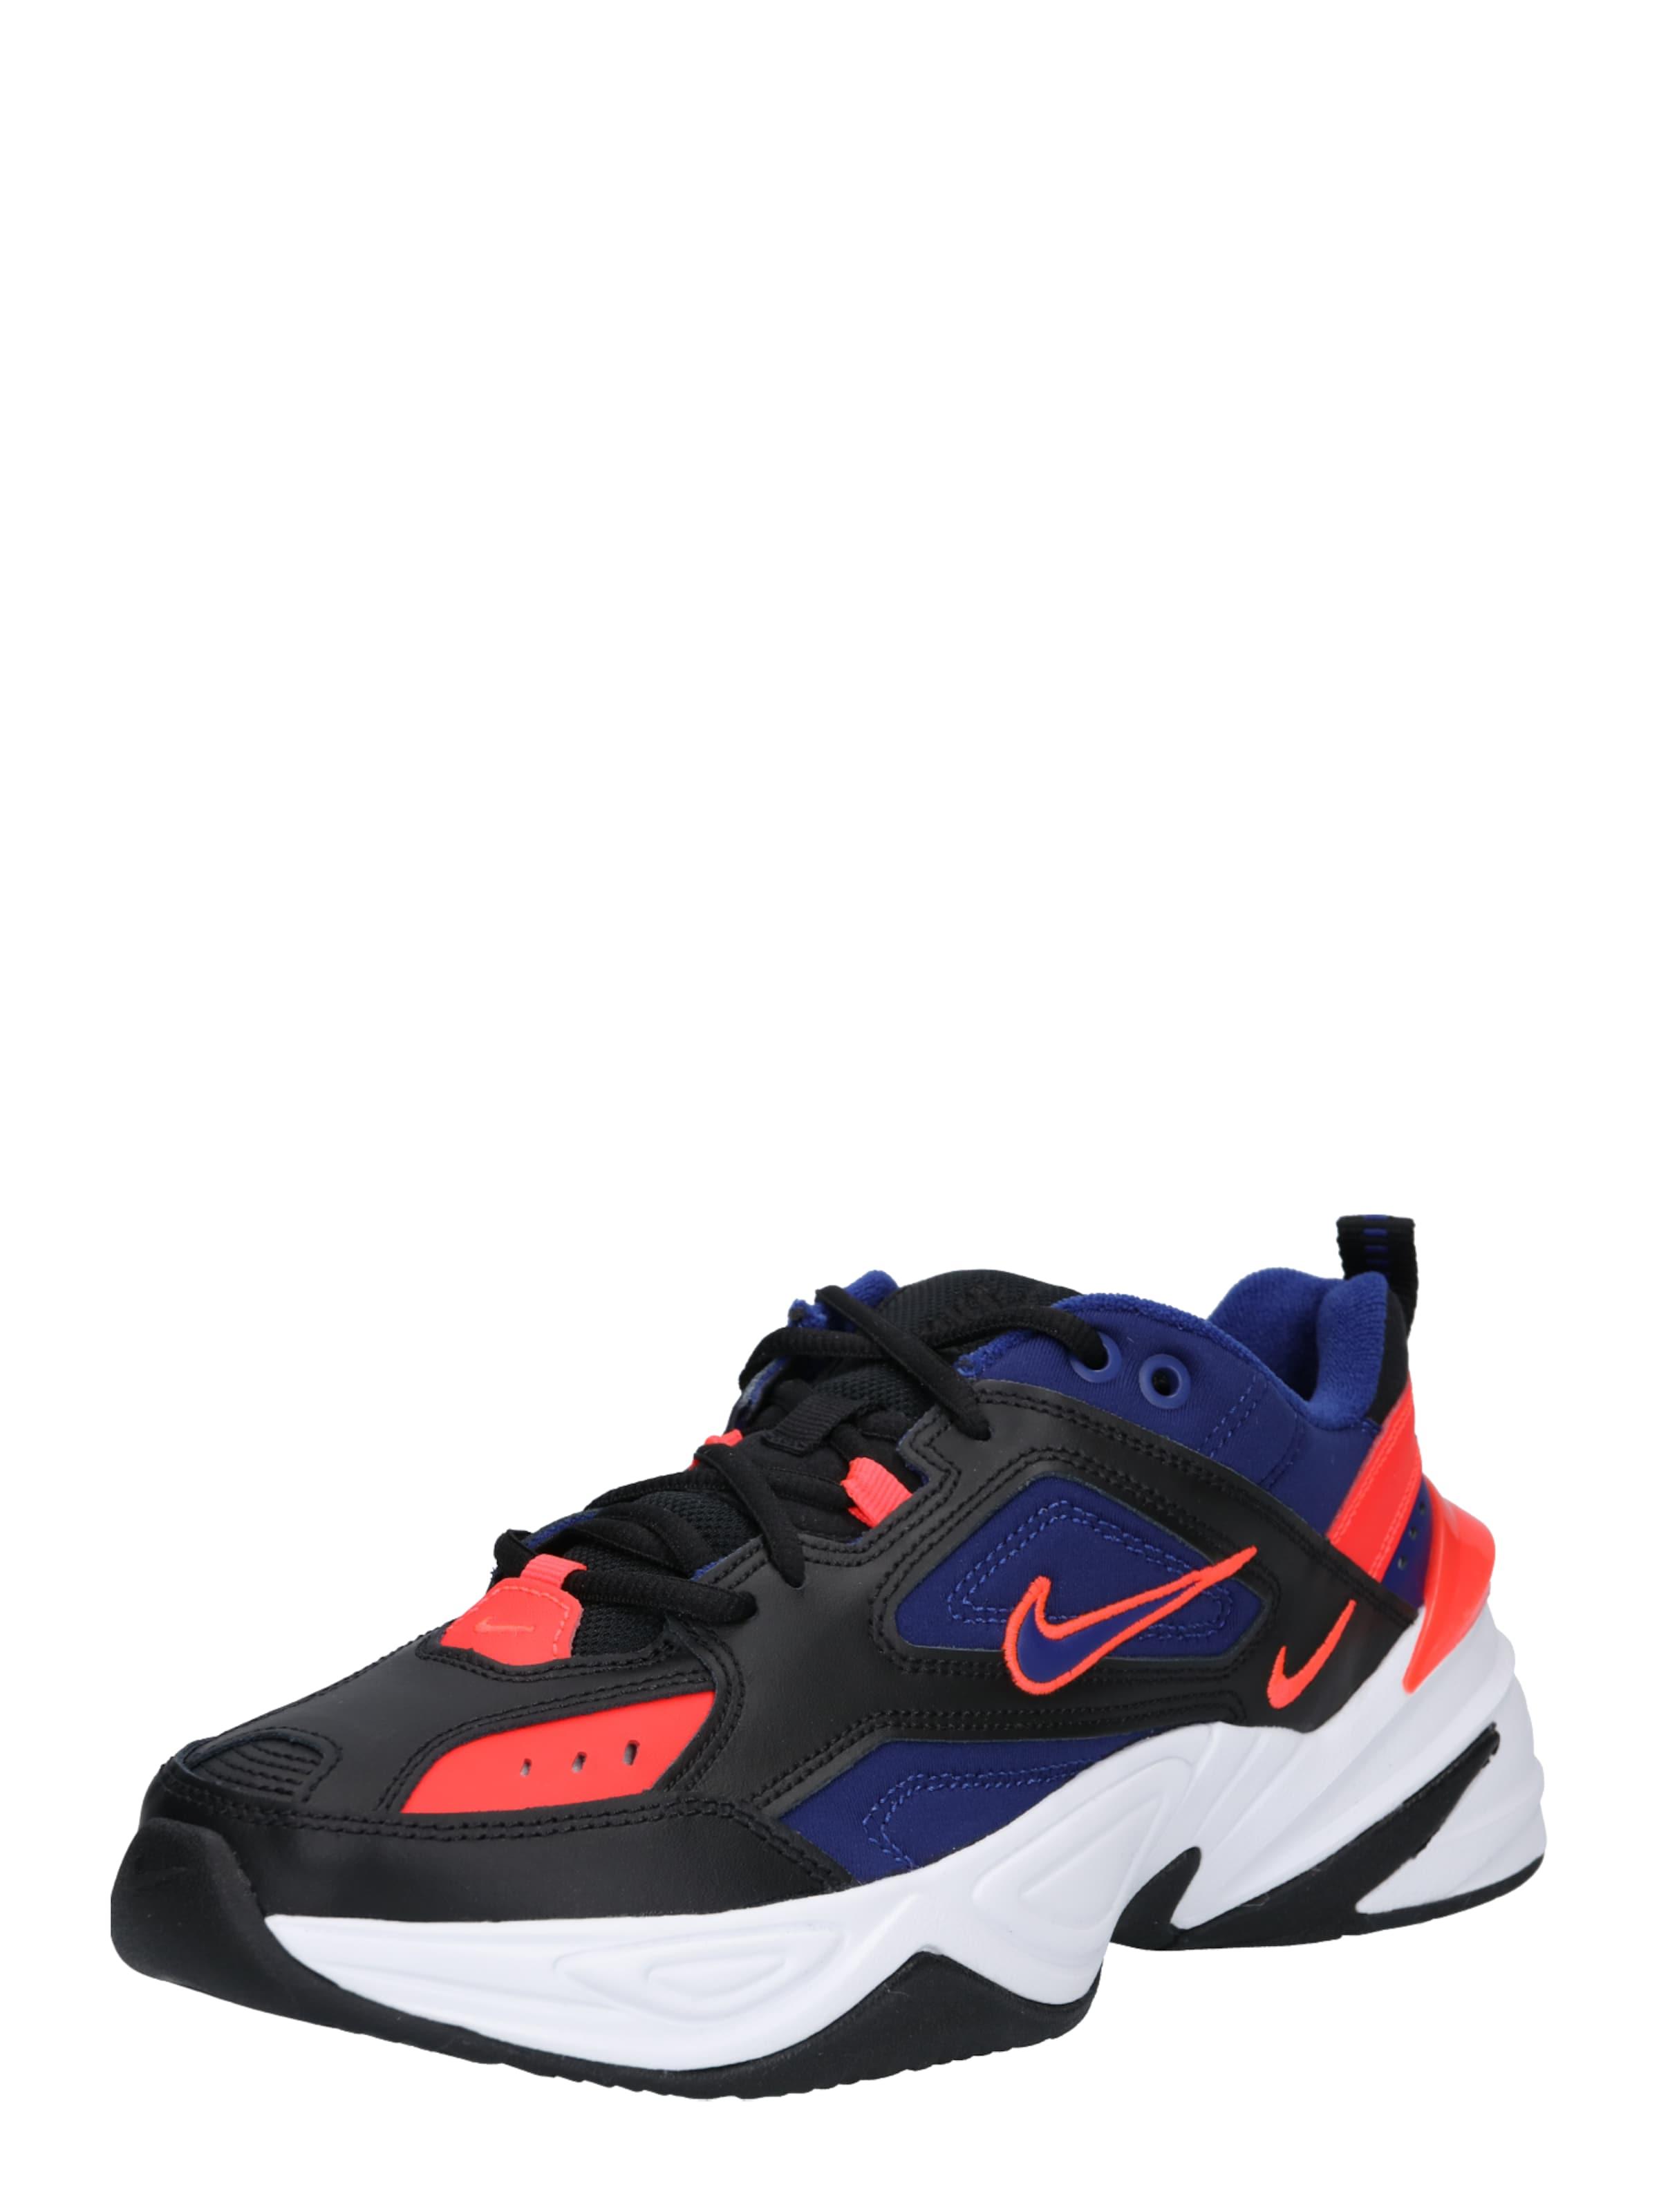 Sneaker Weiß Tekno' Sportswear In Nike 'm2k EYWD2H9I